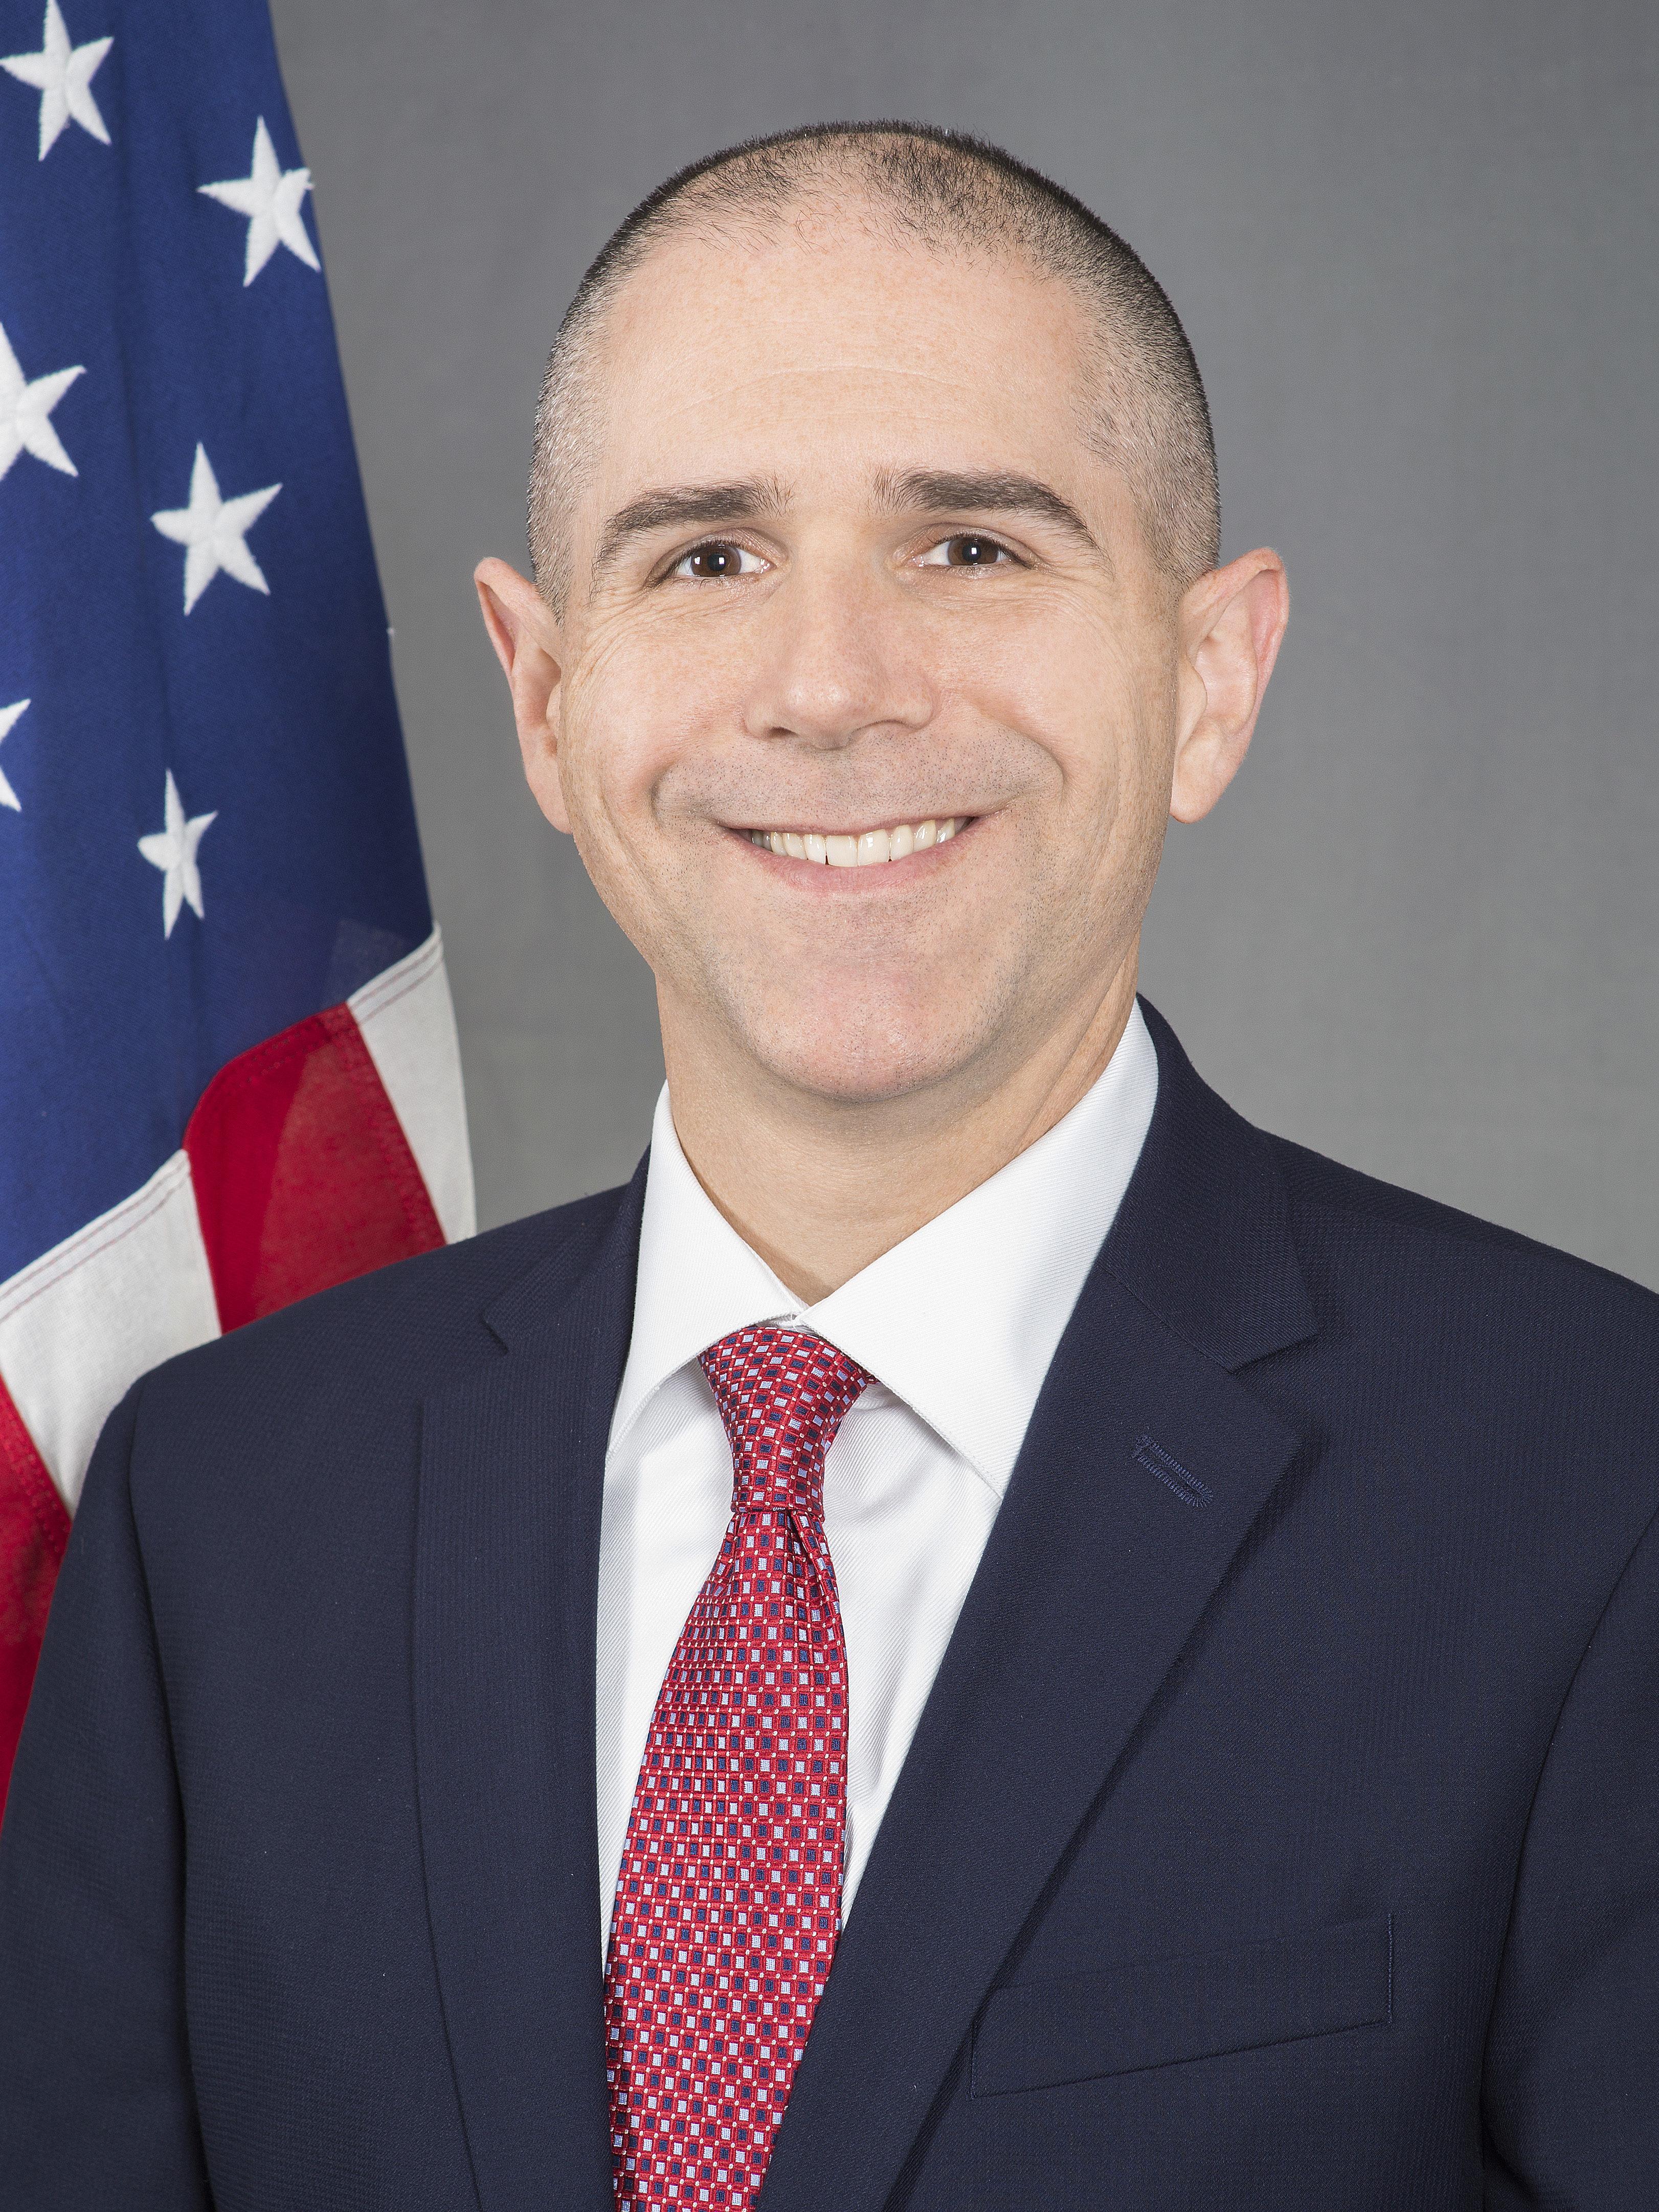 Carl Risch, Assistant Secretary, Consular Affairs